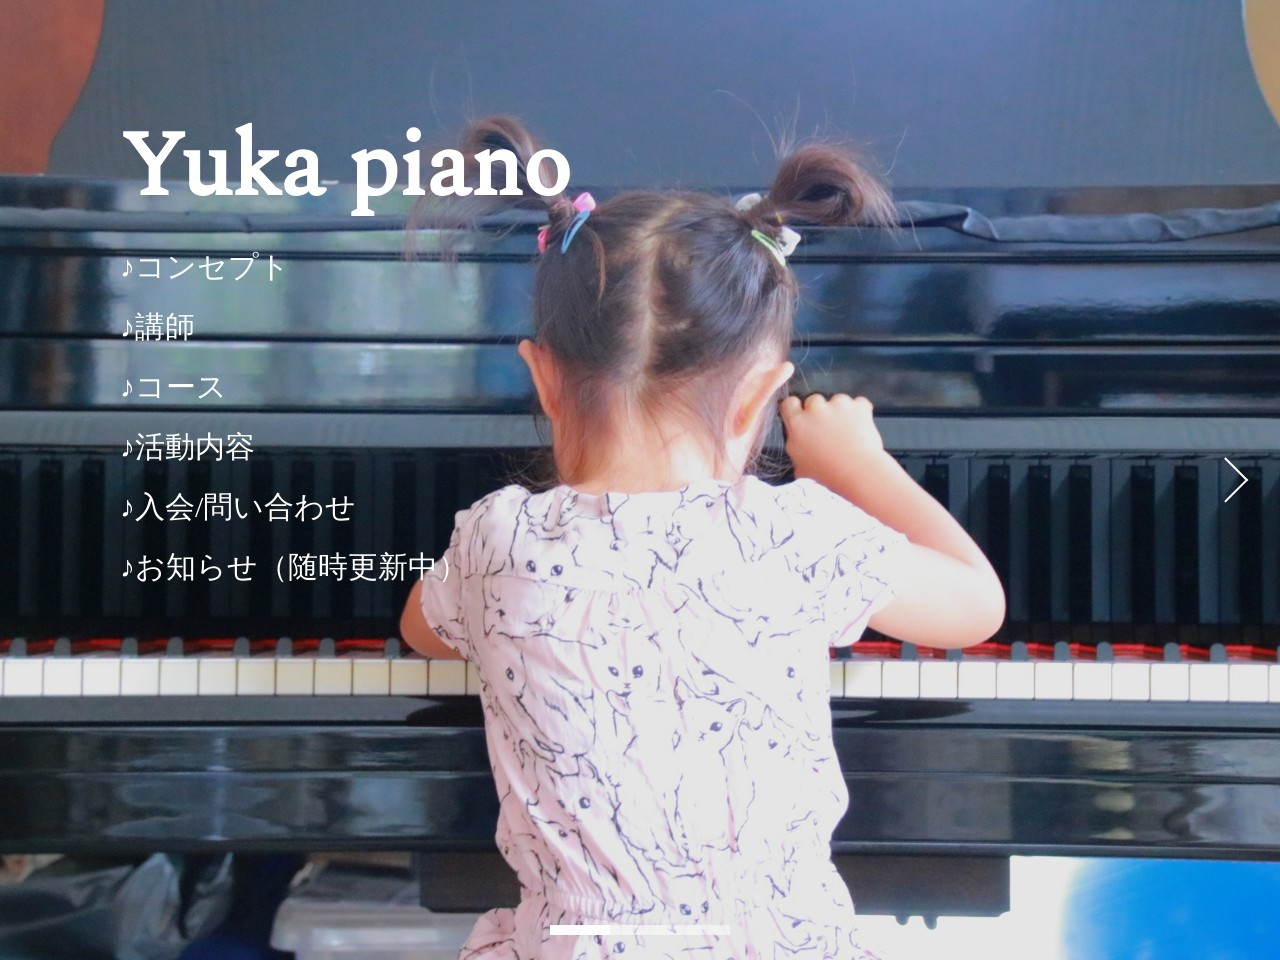 yuka pianoのサムネイル